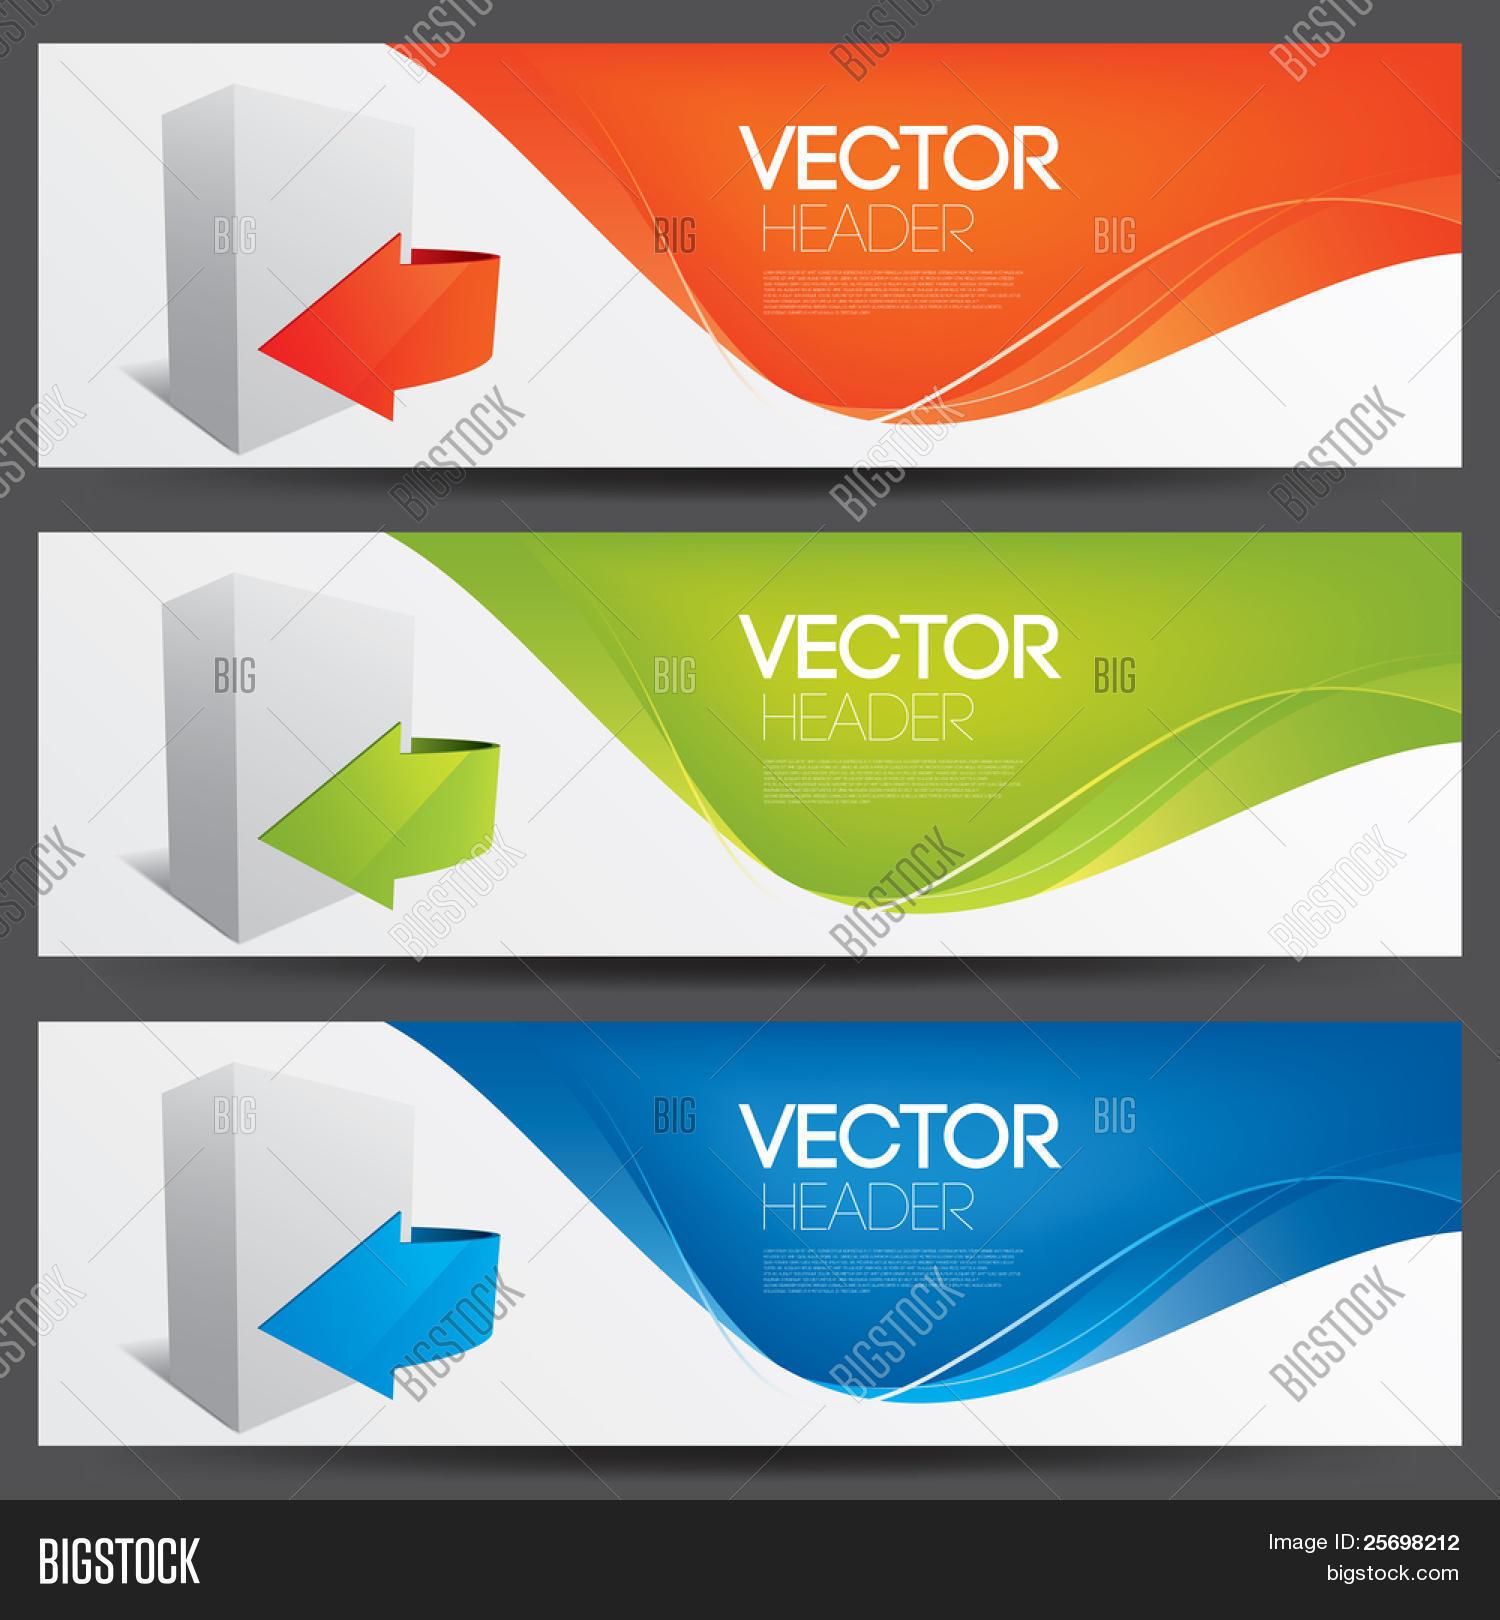 Vector Website Headers Software Vector Photo Bigstock